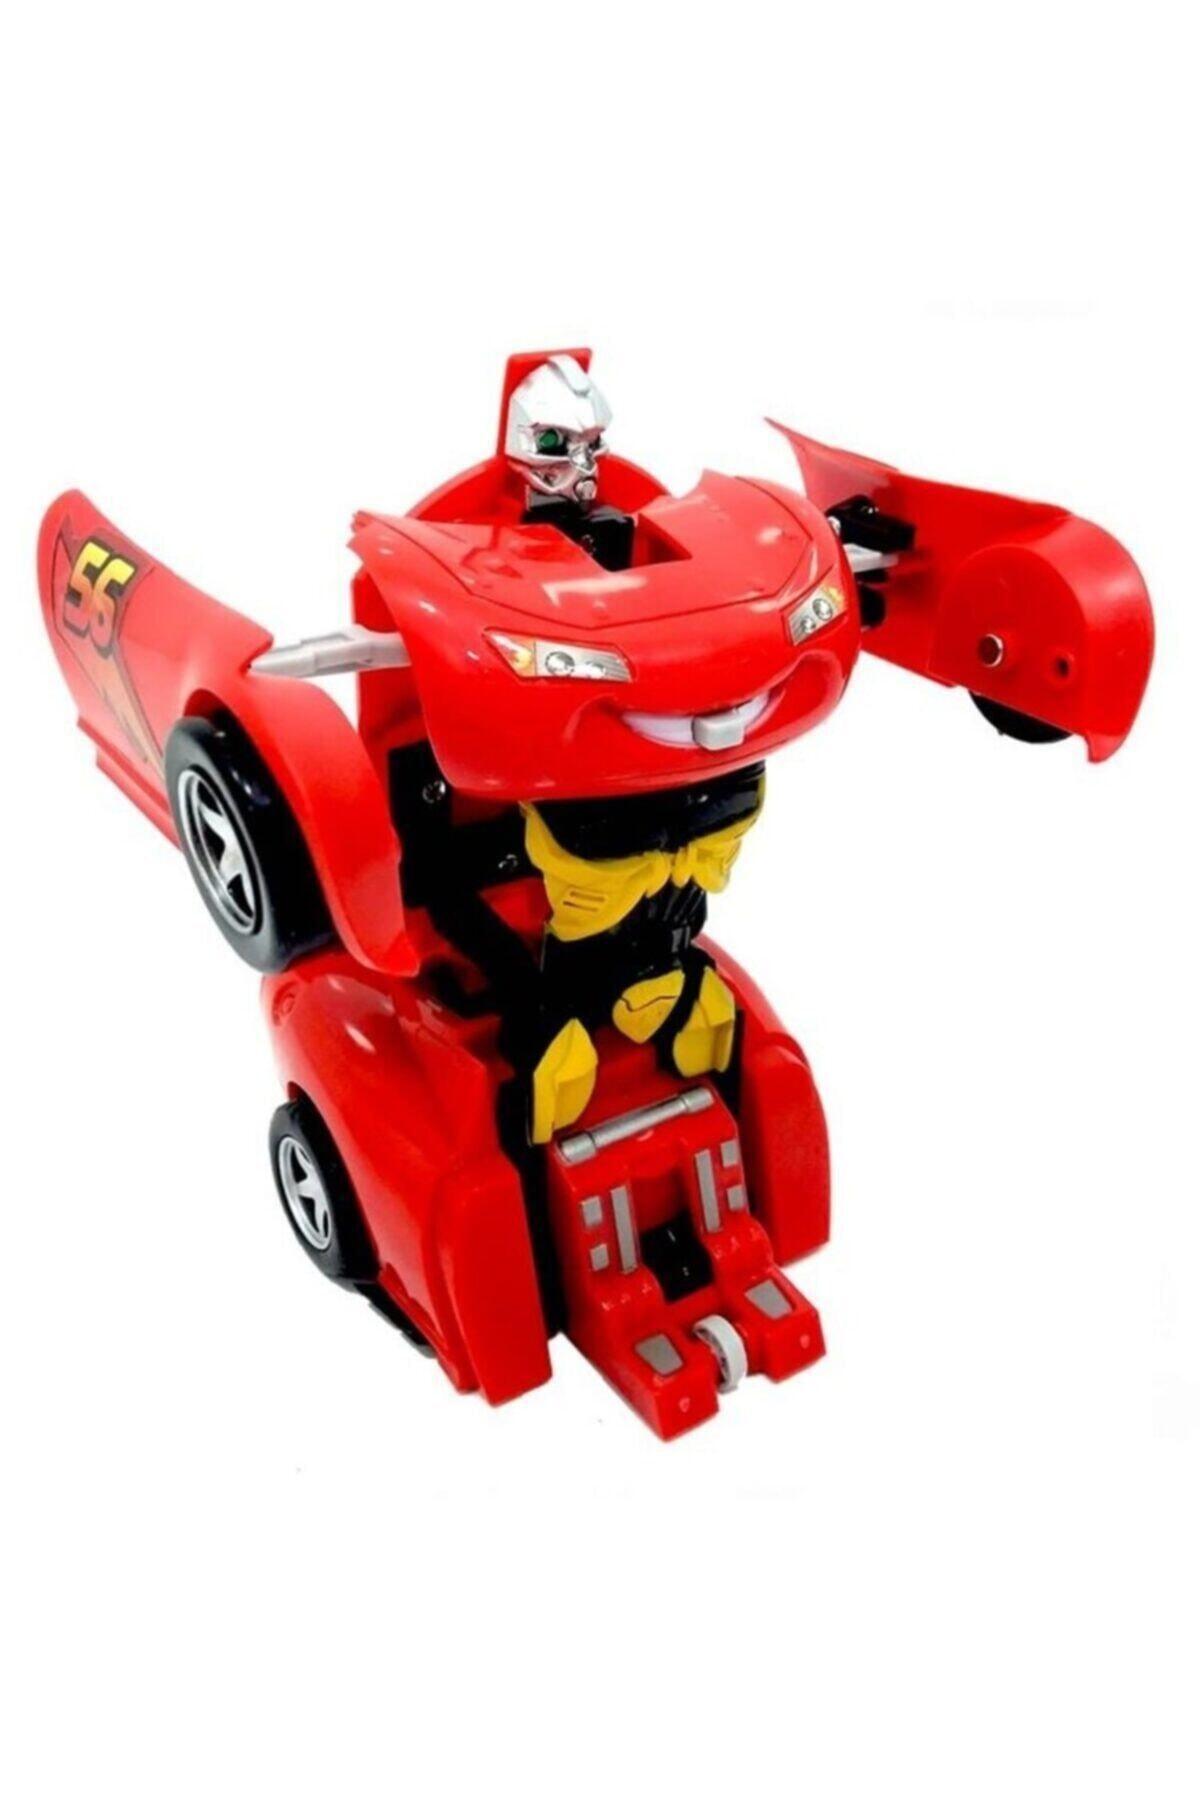 AKÇİÇEK OYUNCAK Şimşek Mcqueen Robota Dönüşebilen Araba 2